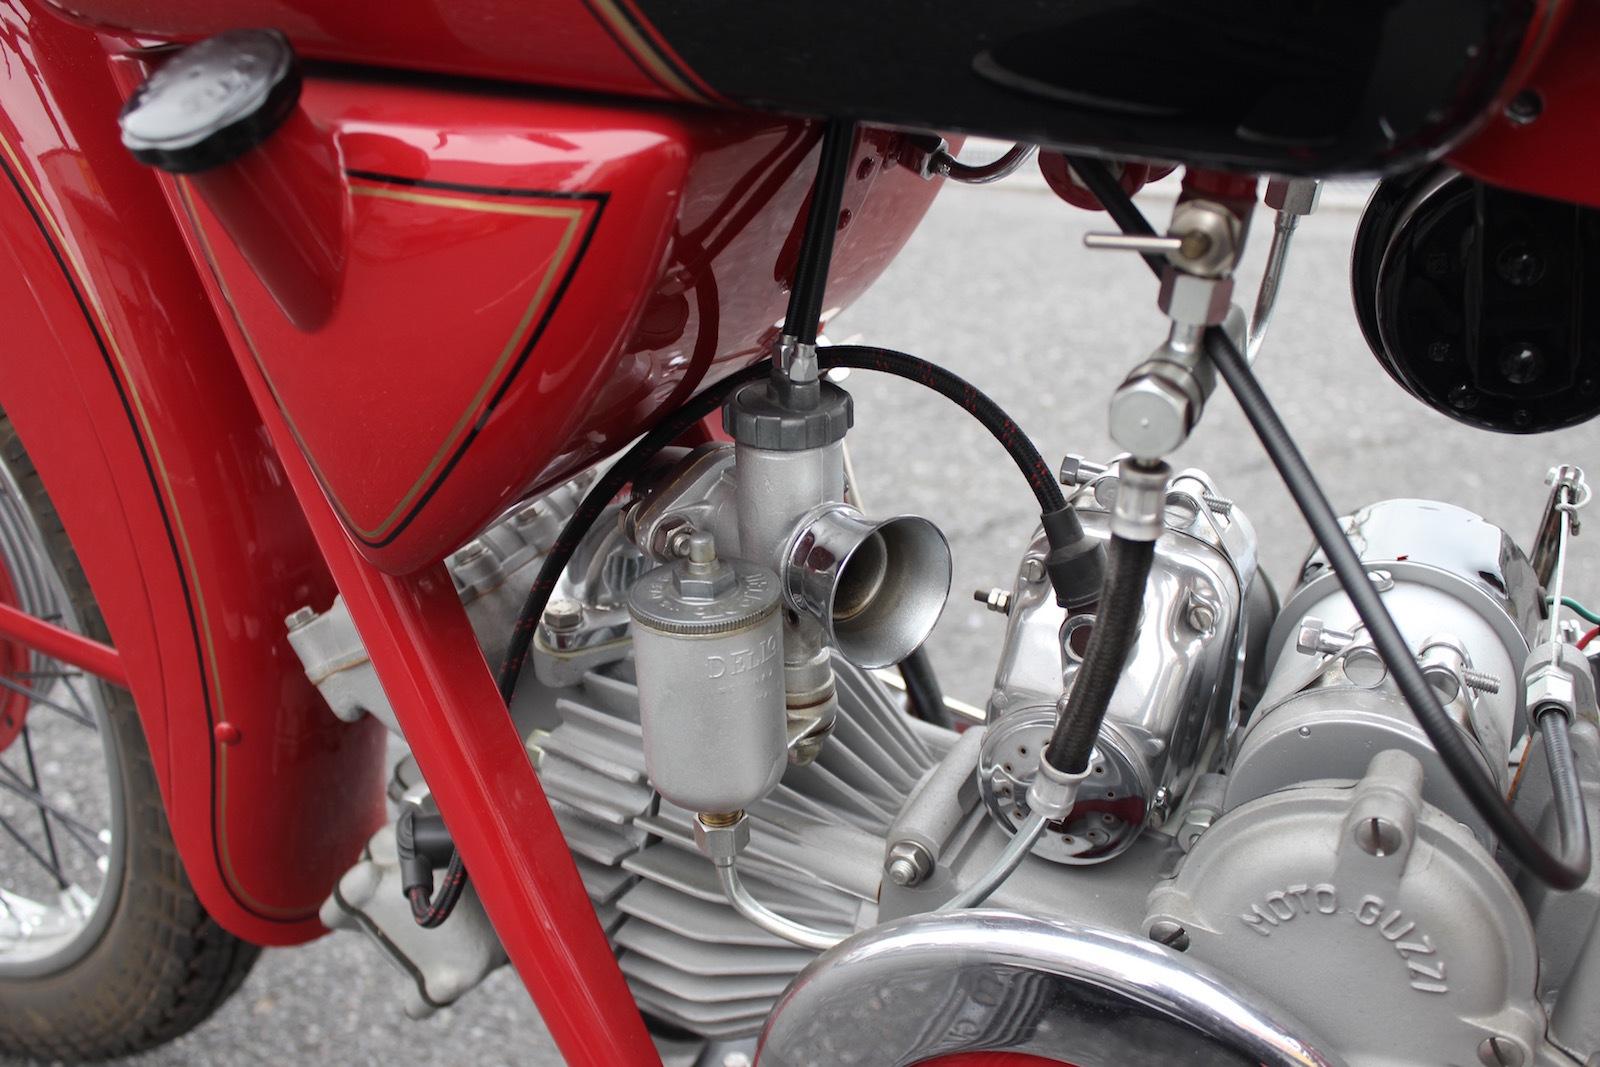 Moto Guzzi Airone Turismo 入荷。_a0208987_17581295.jpg